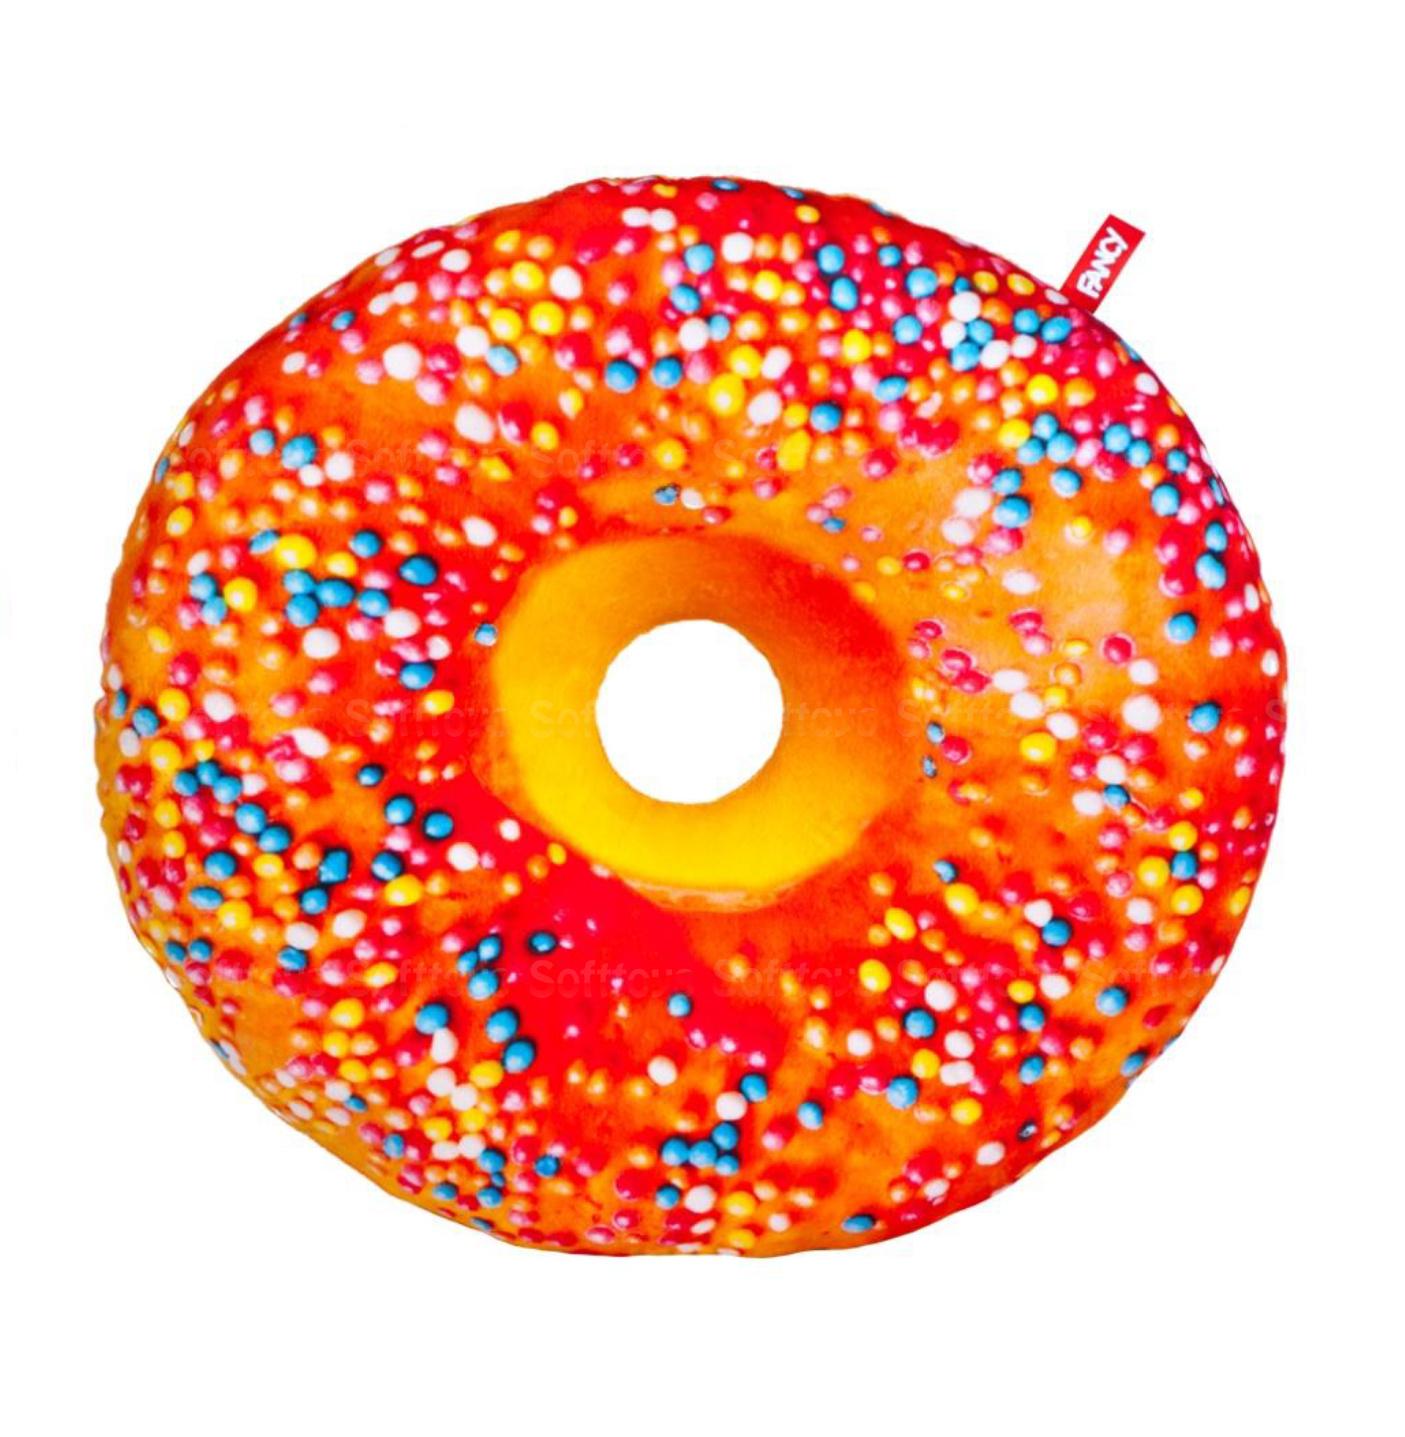 """Мягкая игрушка подушка Пончик """"Апельсиновая глазурь"""" 43 см"""